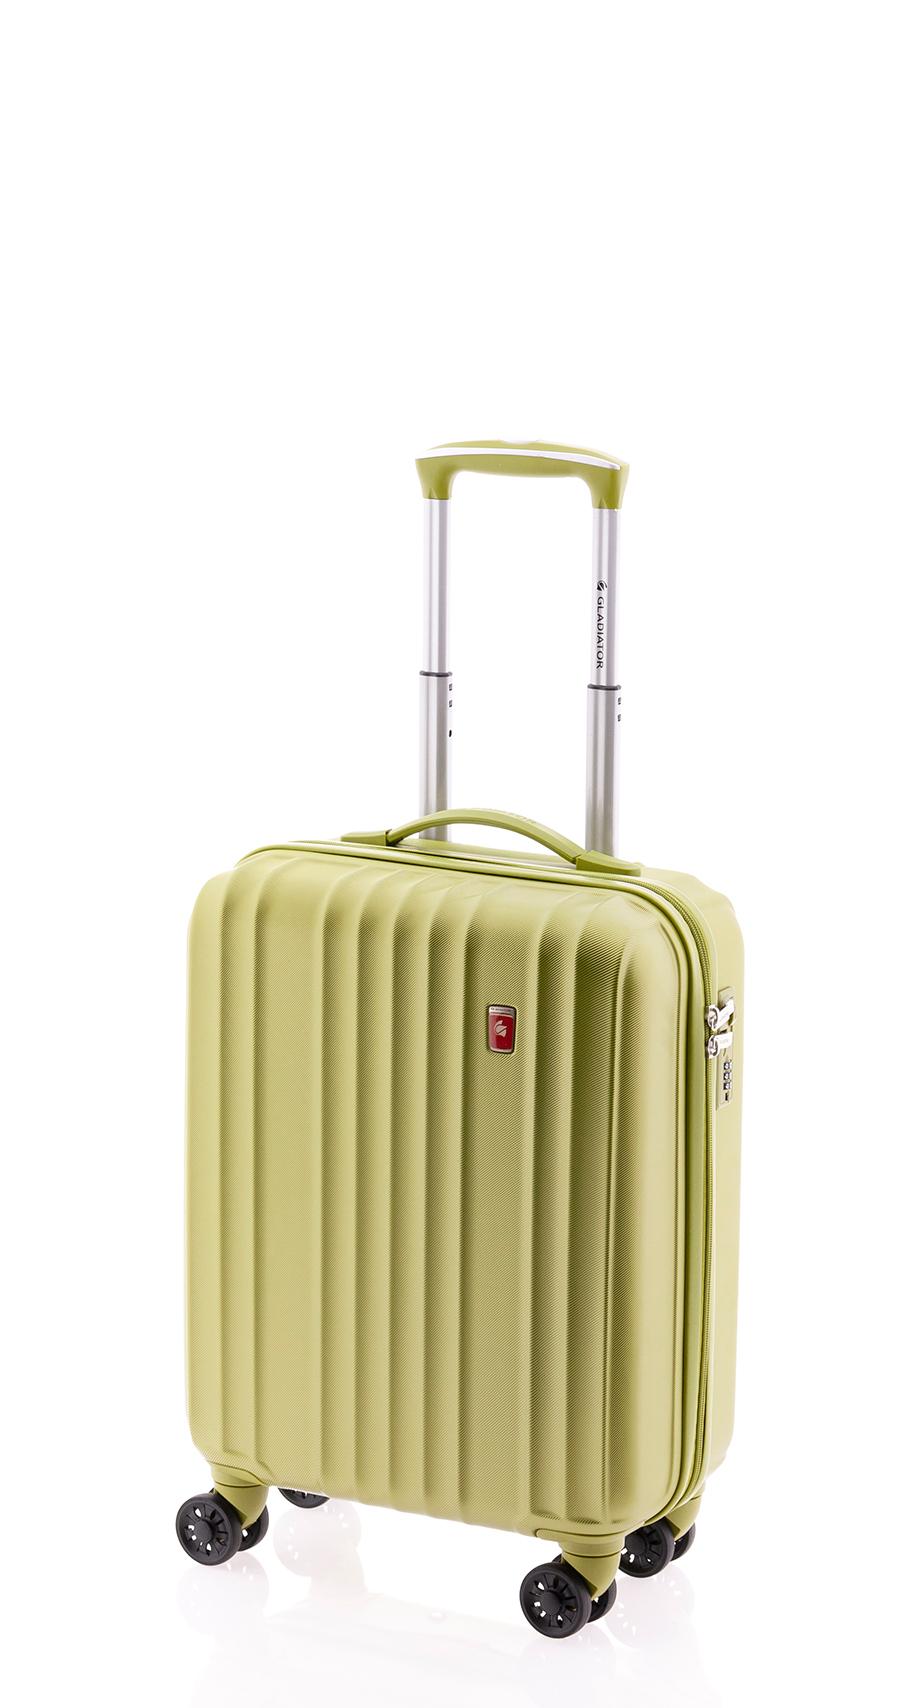 5154c4add6a maleta-gladiator-zebra-cabina-pequeña-131002